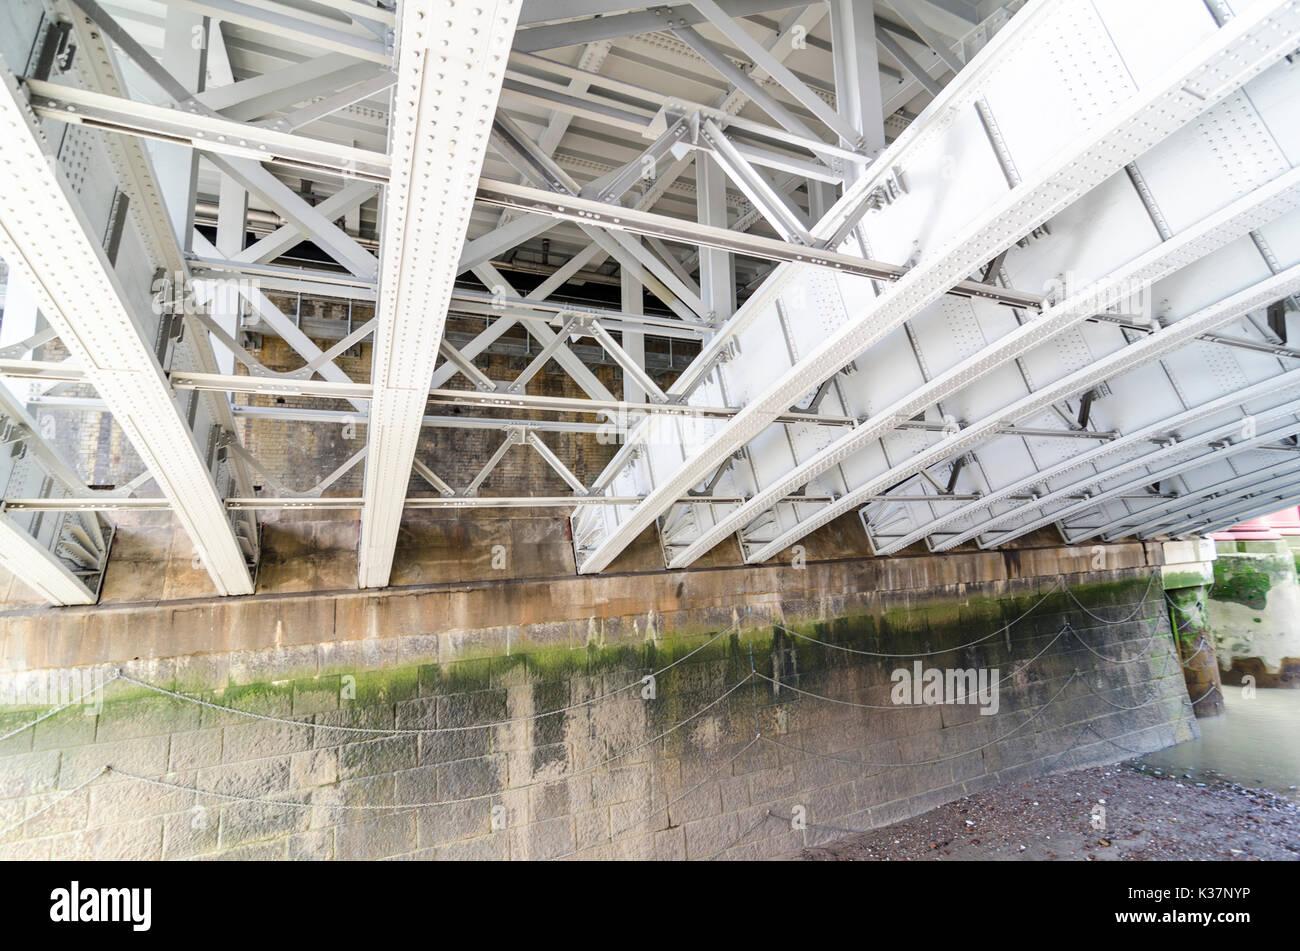 Bügeleisen arch Struktur und unterstützt unter Blackfriars Bridge, London, UK Stockfoto